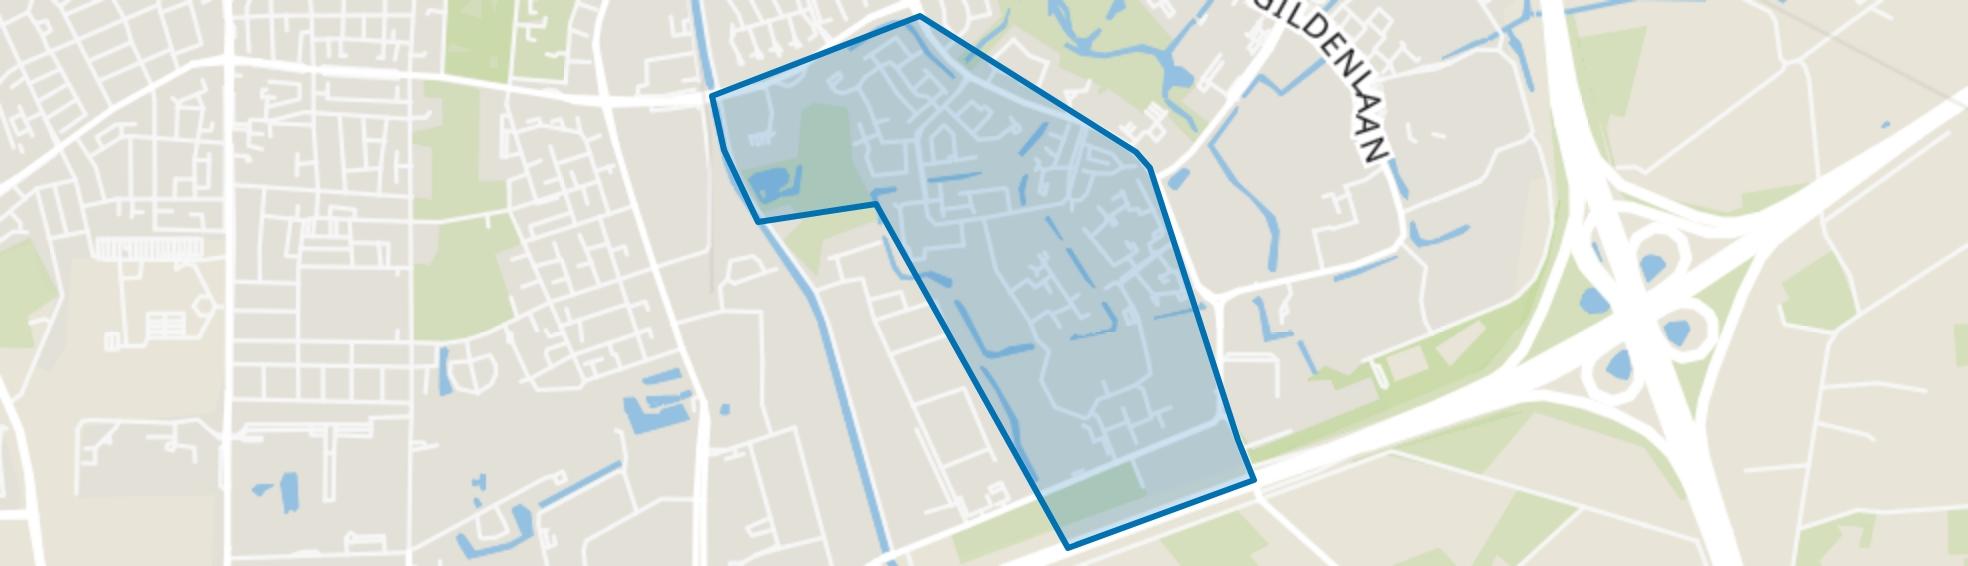 Matenveld, Apeldoorn map